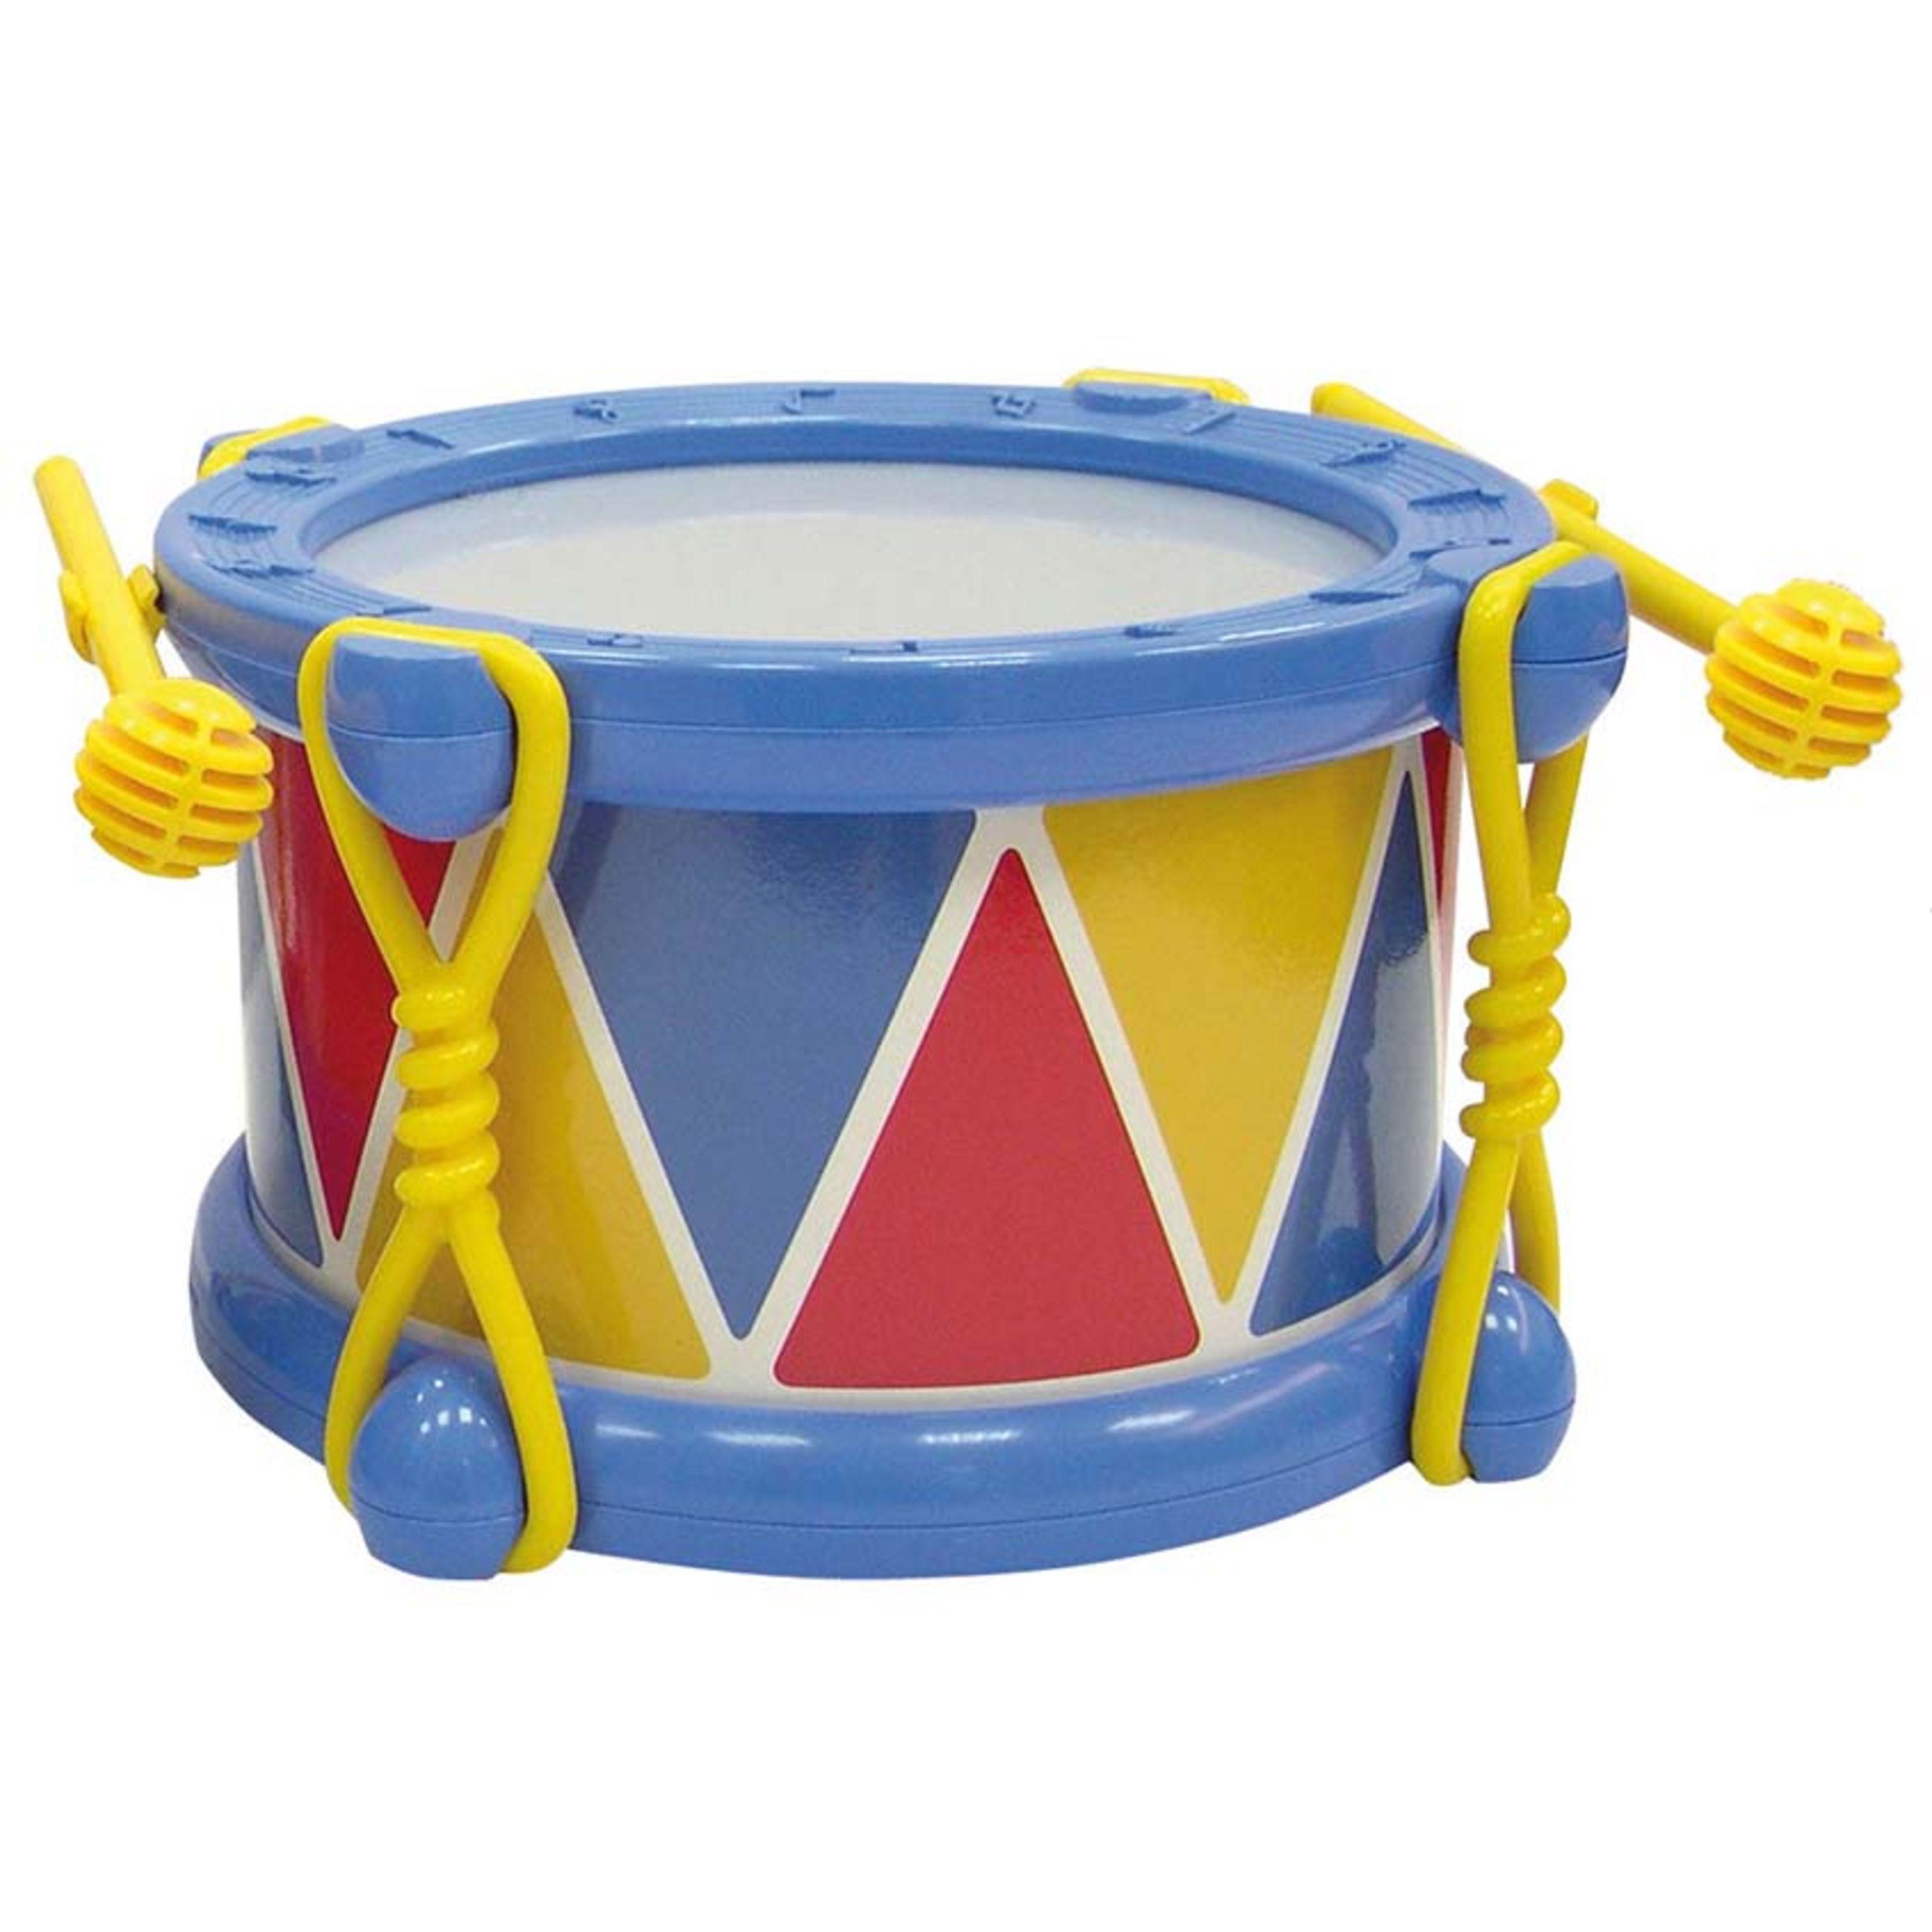 Voggenreiter The little drum for children, 20,5 cm